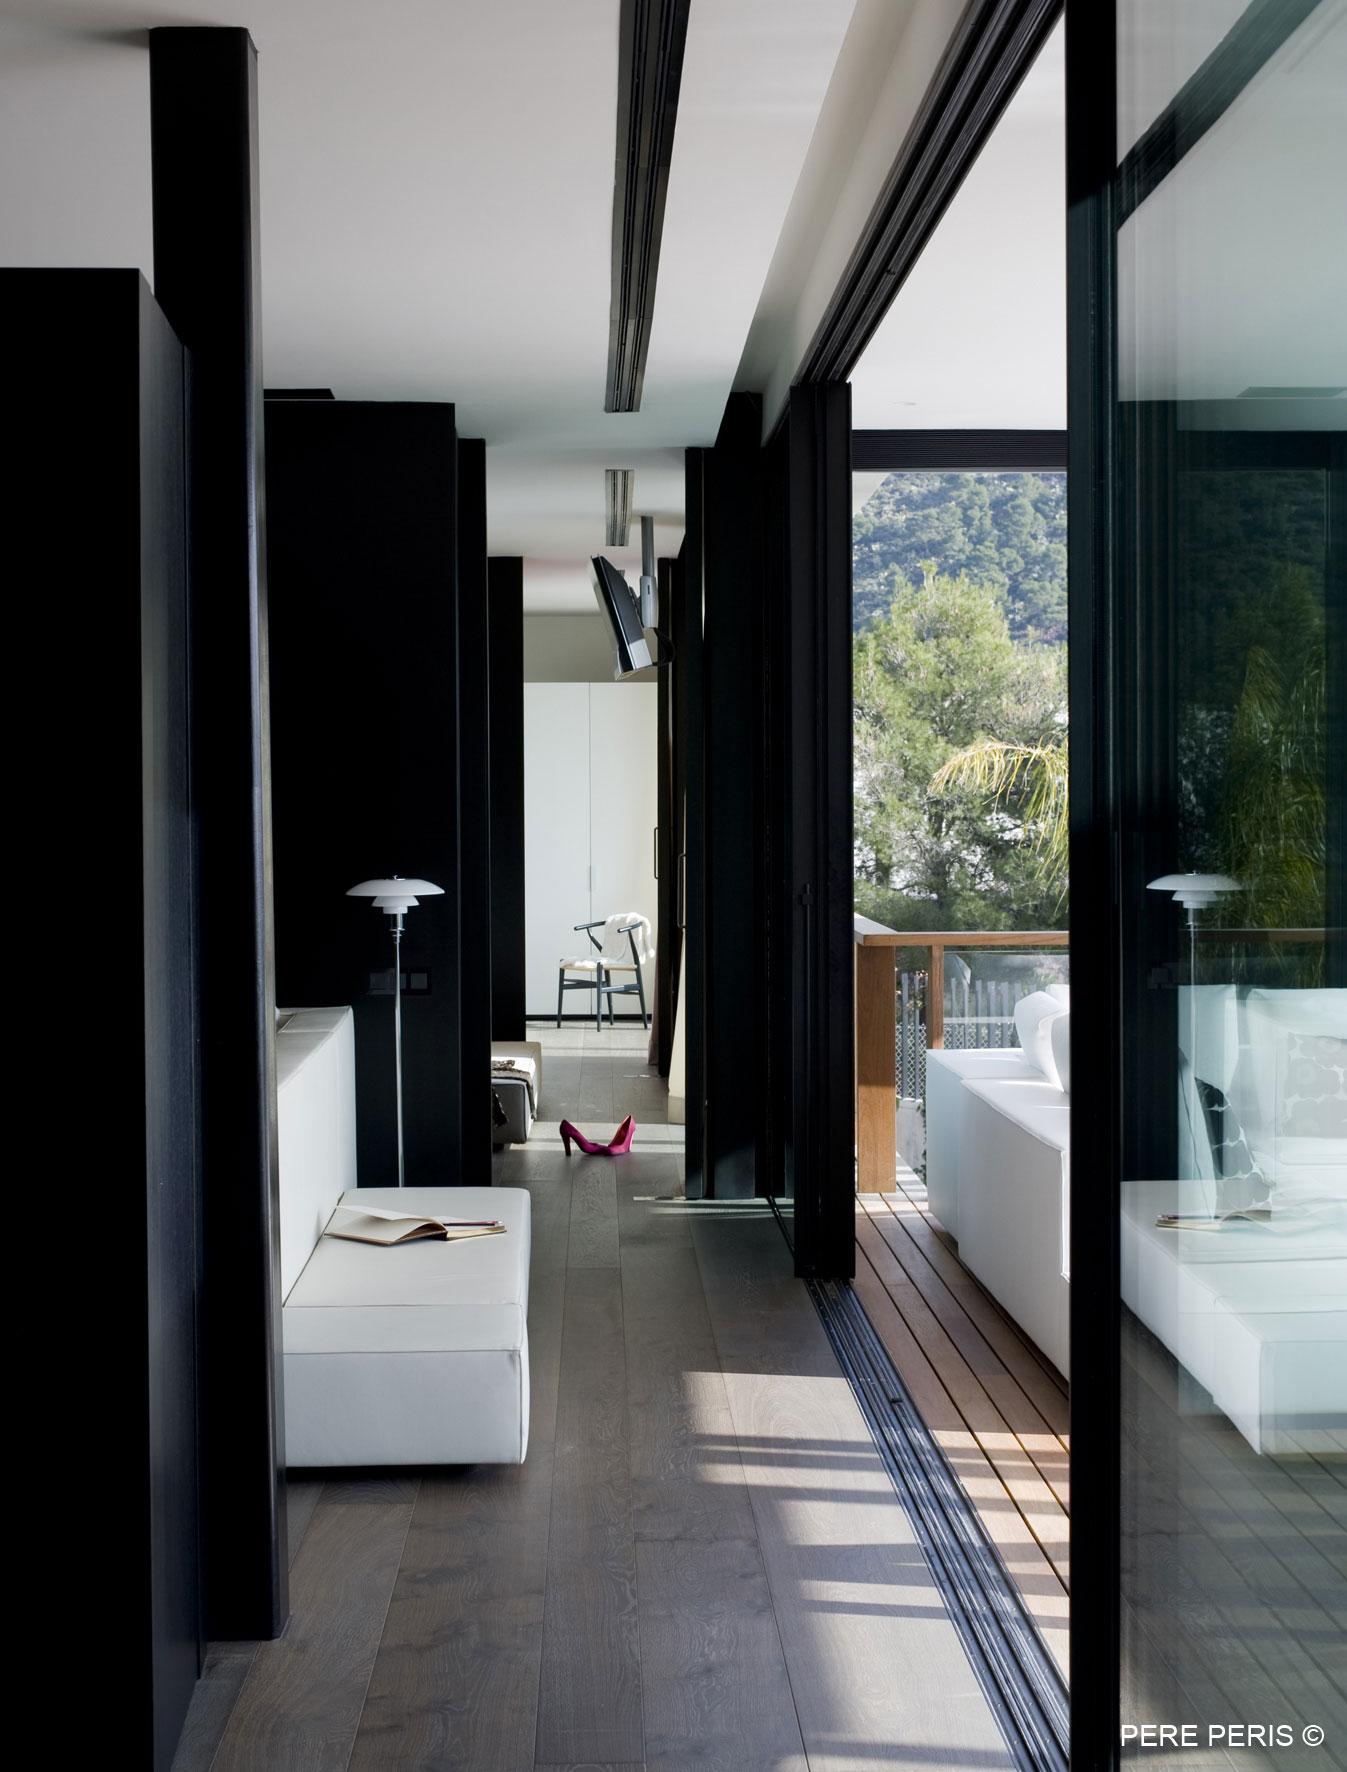 Patio Doors, Balcony, Stylish Glass Home in Valencia, Spain